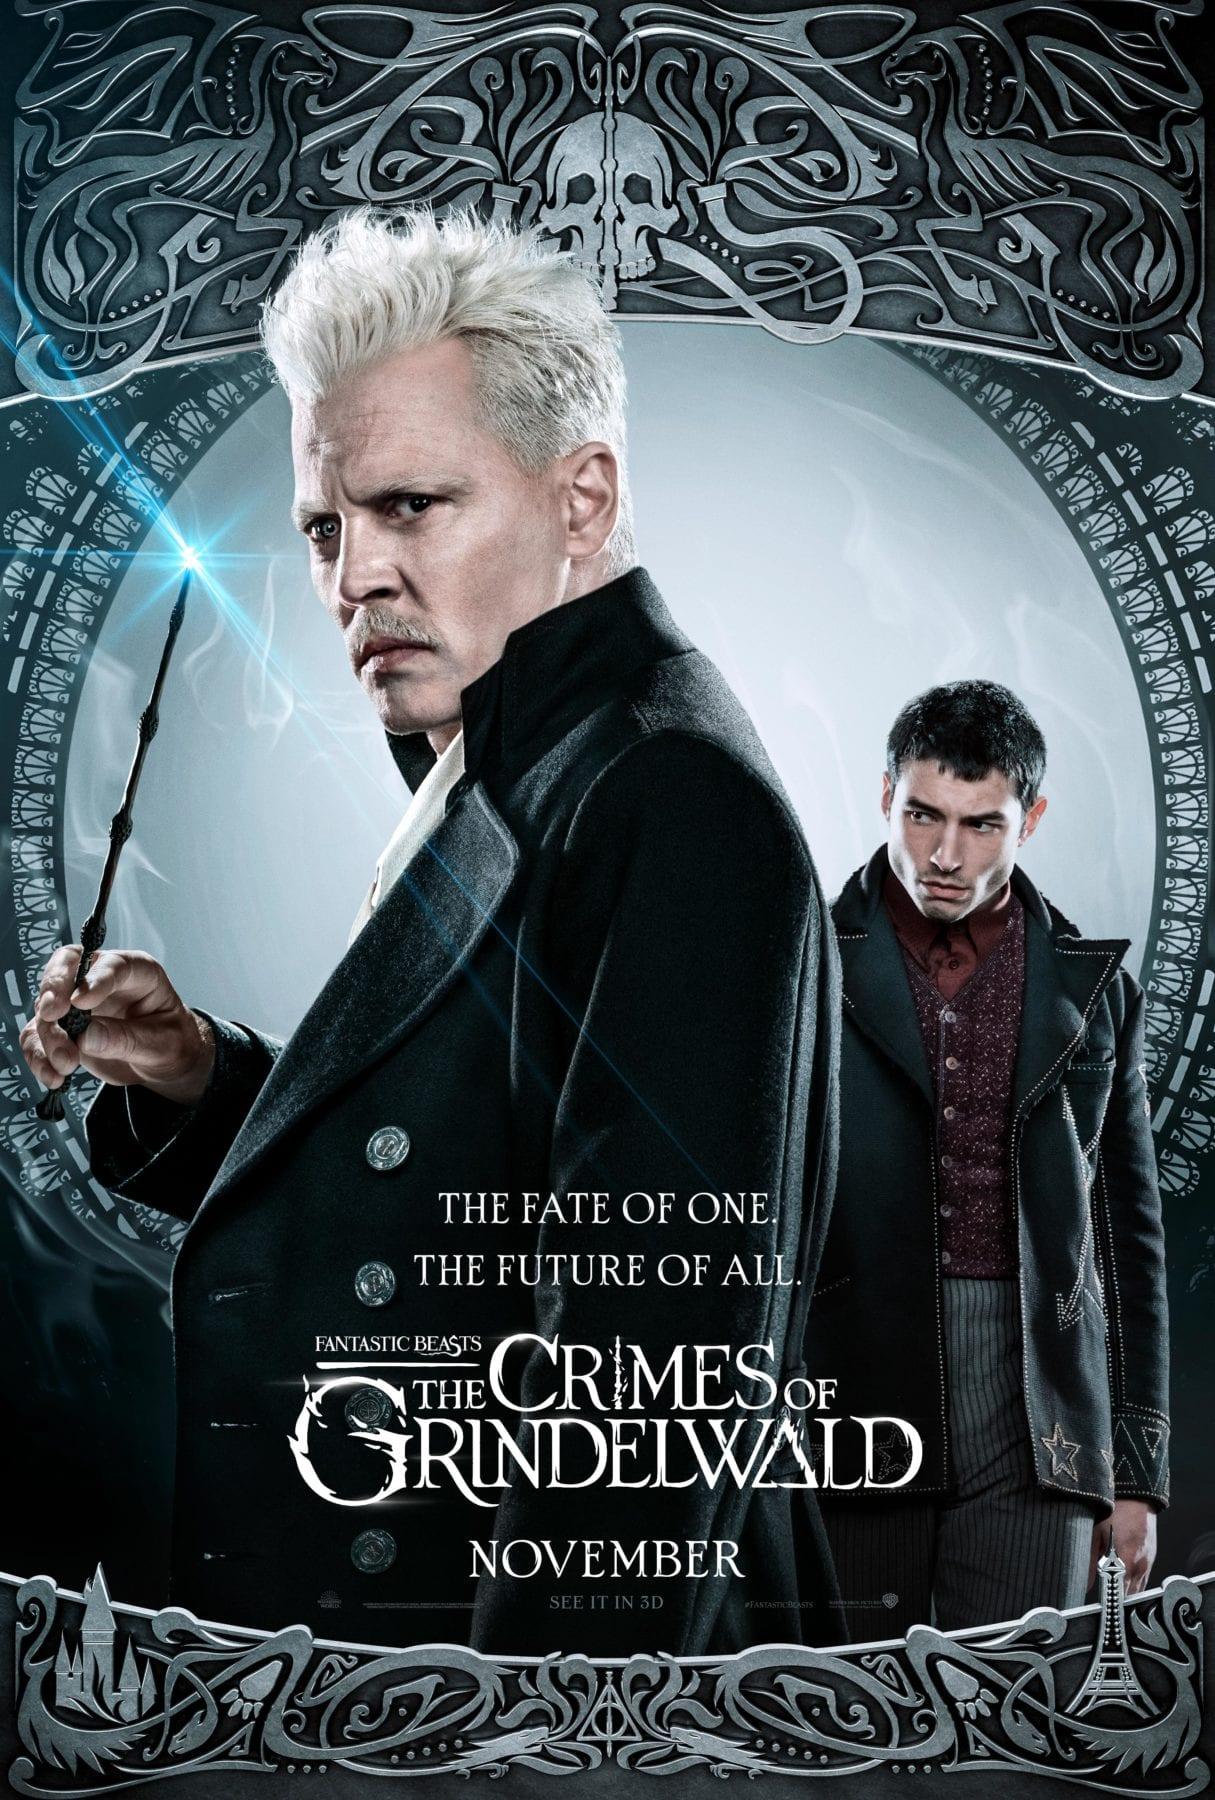 Animales fantásticos: los crímenes de Grindelwald recibe cinco nuevos pósters de personajes